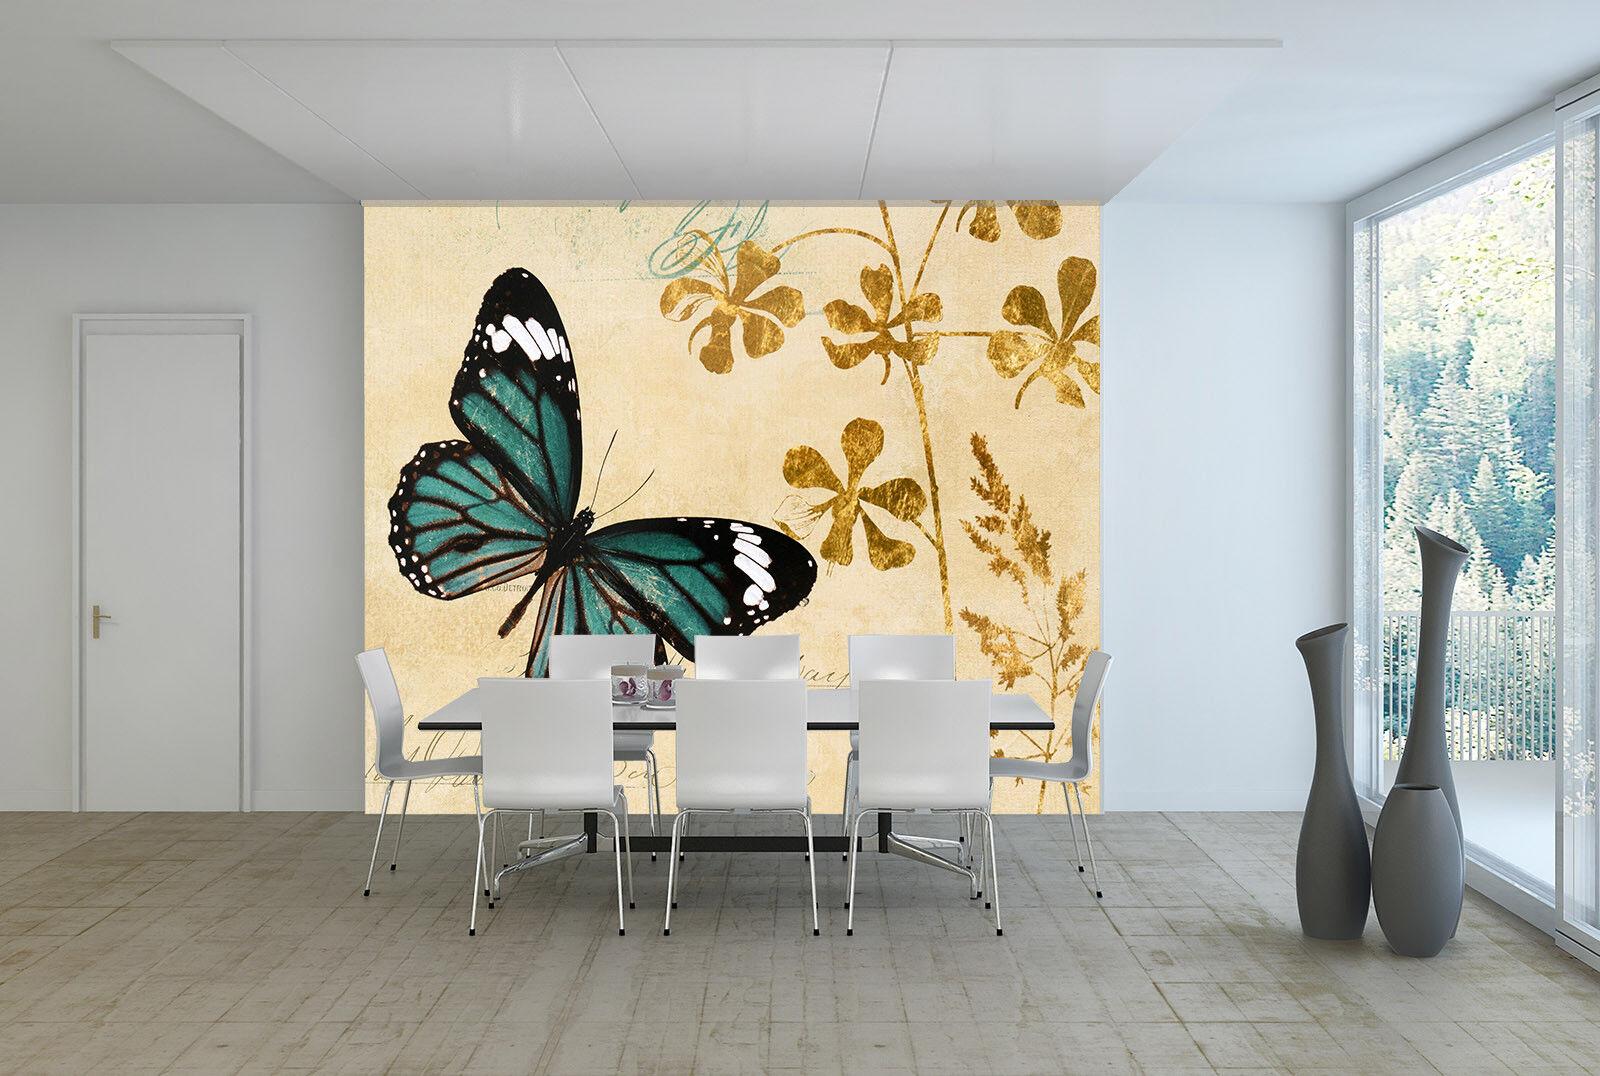 3D Butterfly 4157 Wallpaper Murals Wall Print Wall Mural AJ WALLPAPER UK Carly